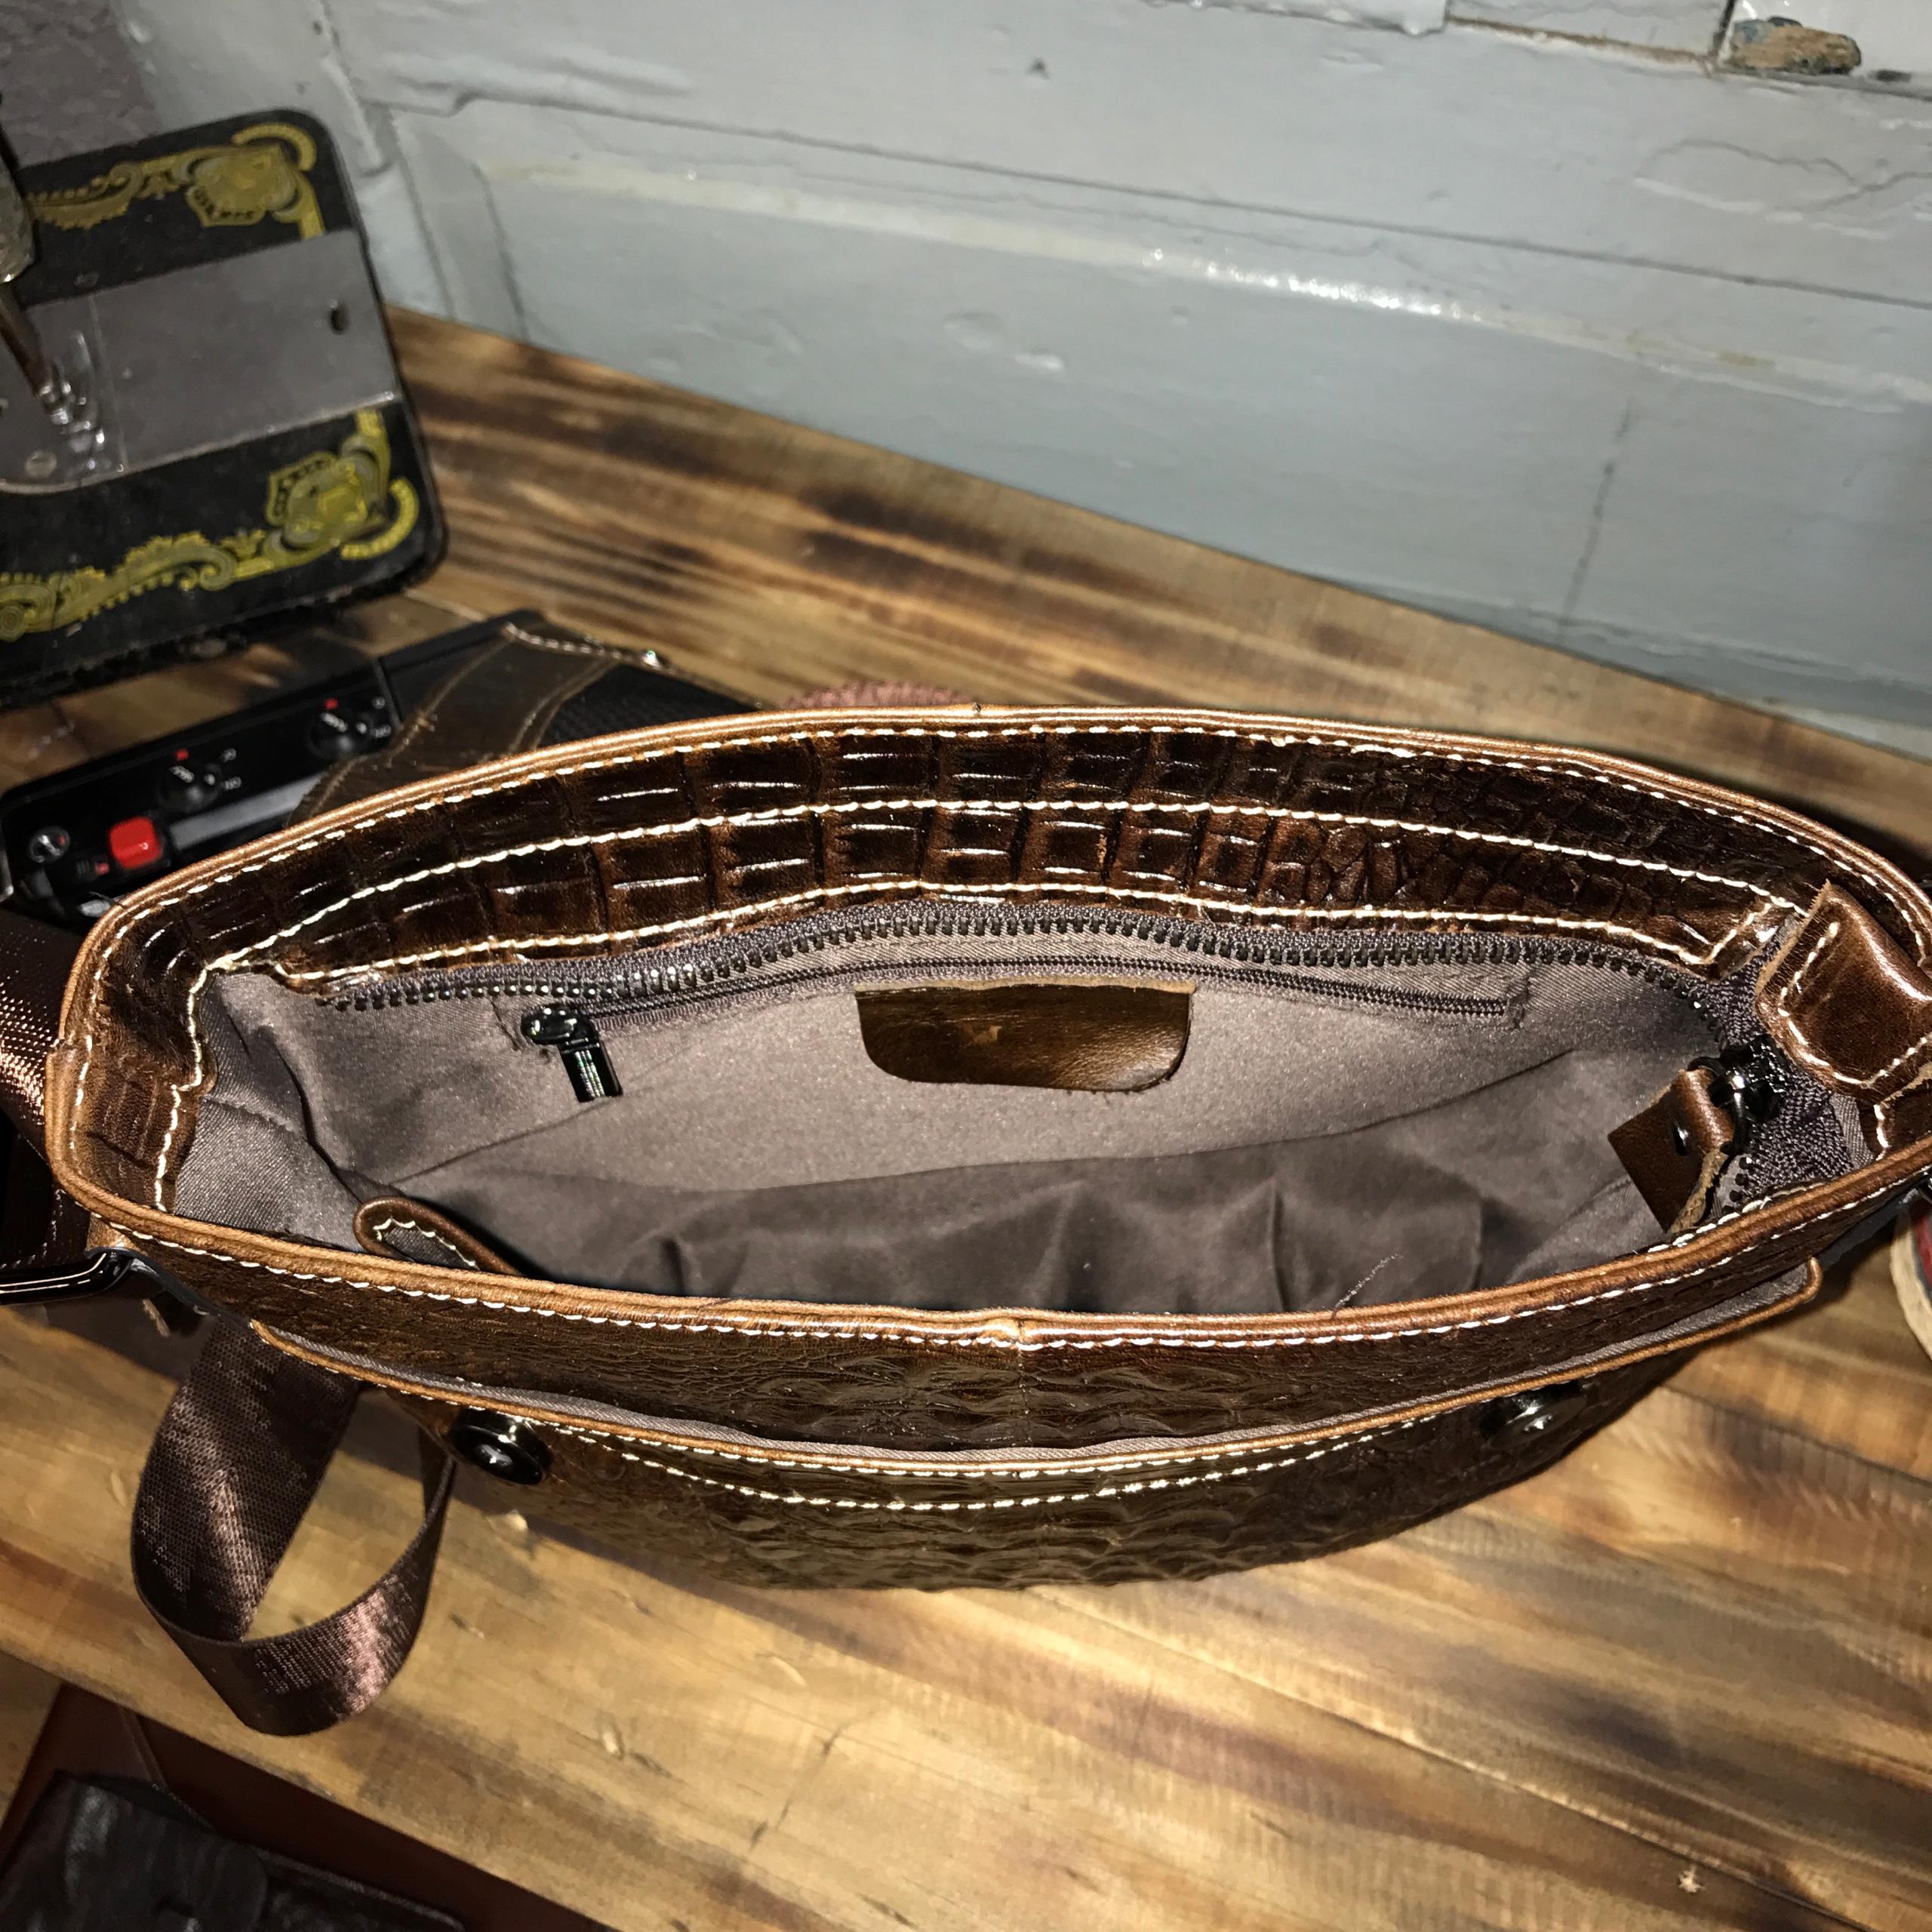 Túi chéo da bò vân cá sấu 402 chất liệu da bò sáp bơ được dập vân cá sấu màu nâu cafe. Kiểu dáng thời trang lịch sự gọn gàng đựng ipad 9.7'